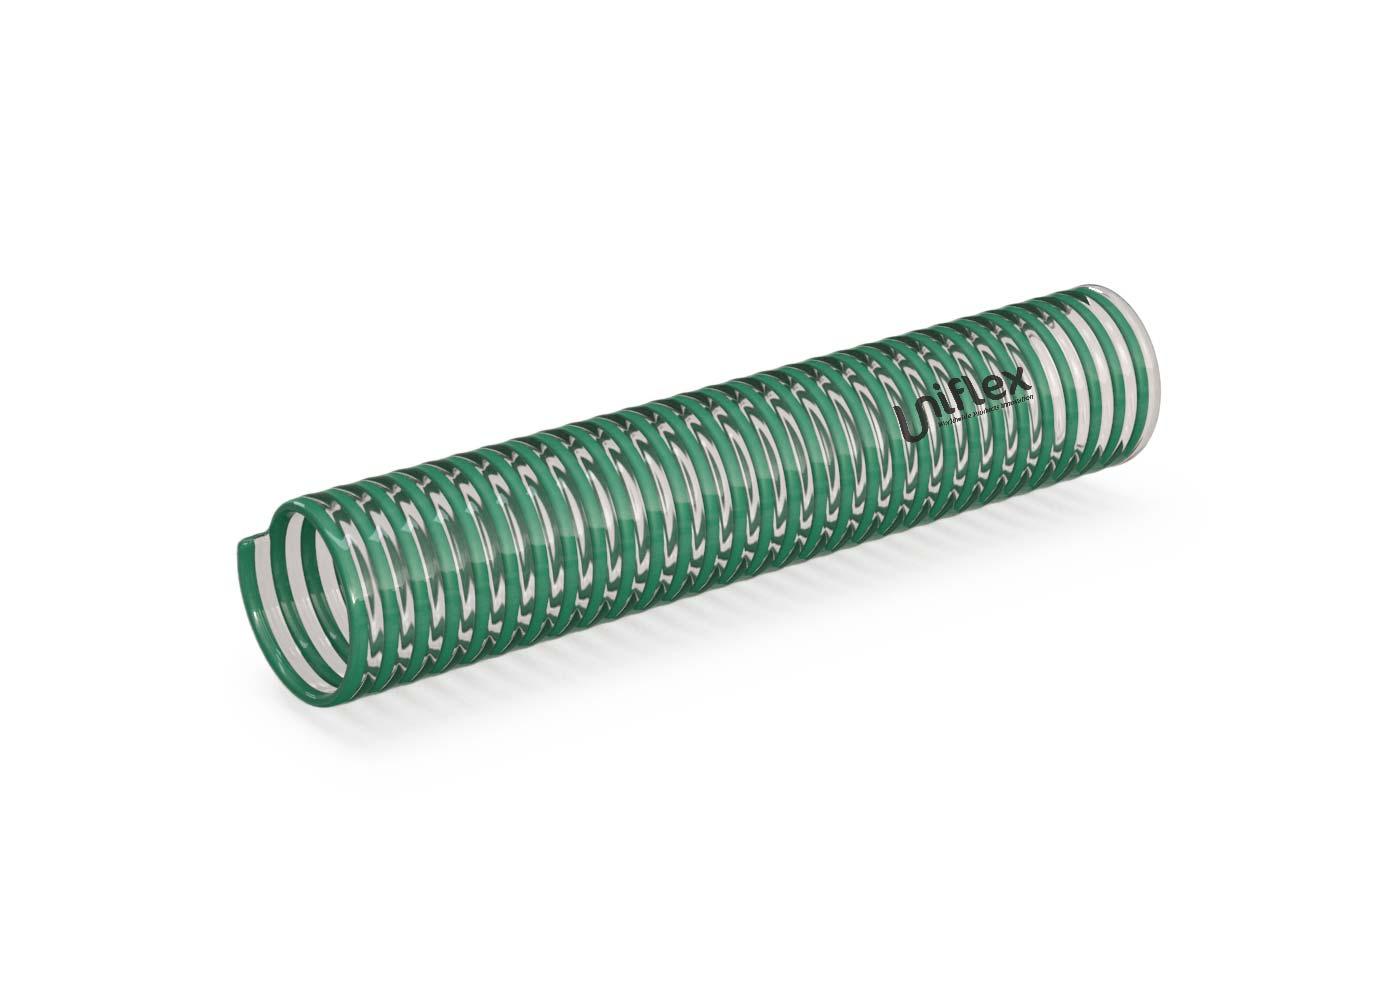 מידול והדמיית צינורות PVC למפעל Uniflex